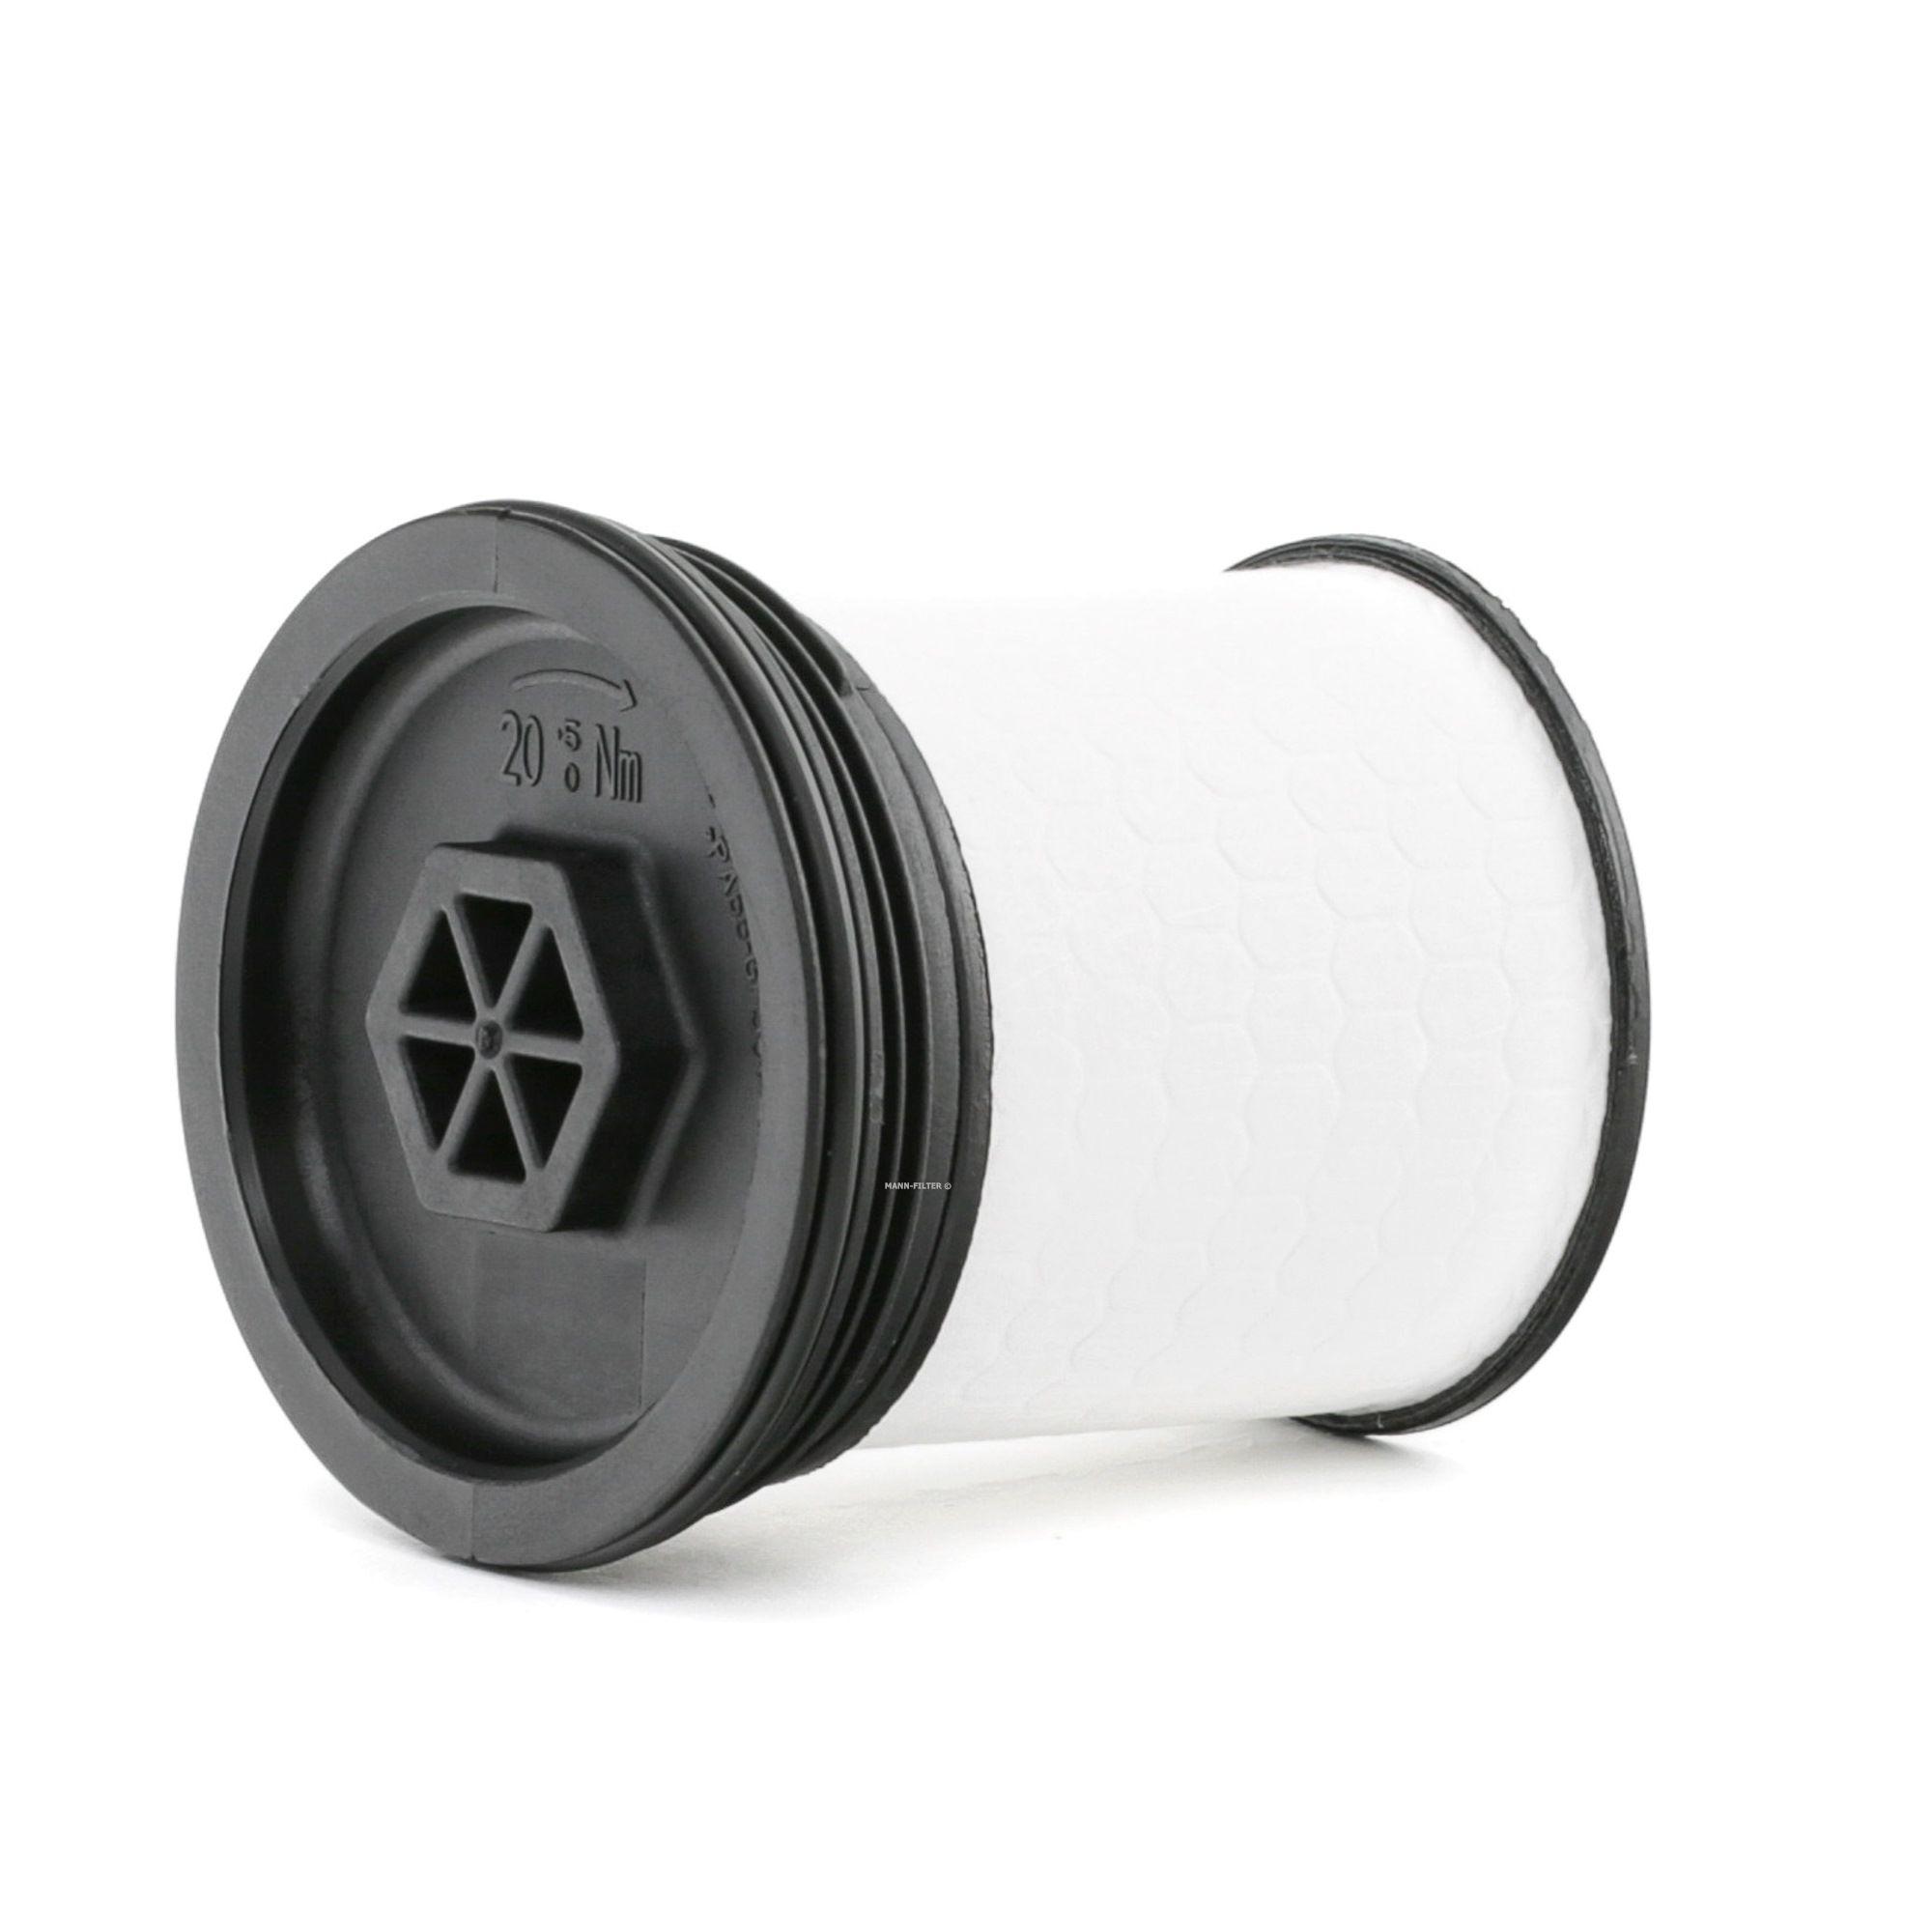 Original Palivový filtr PU 7006 Opel